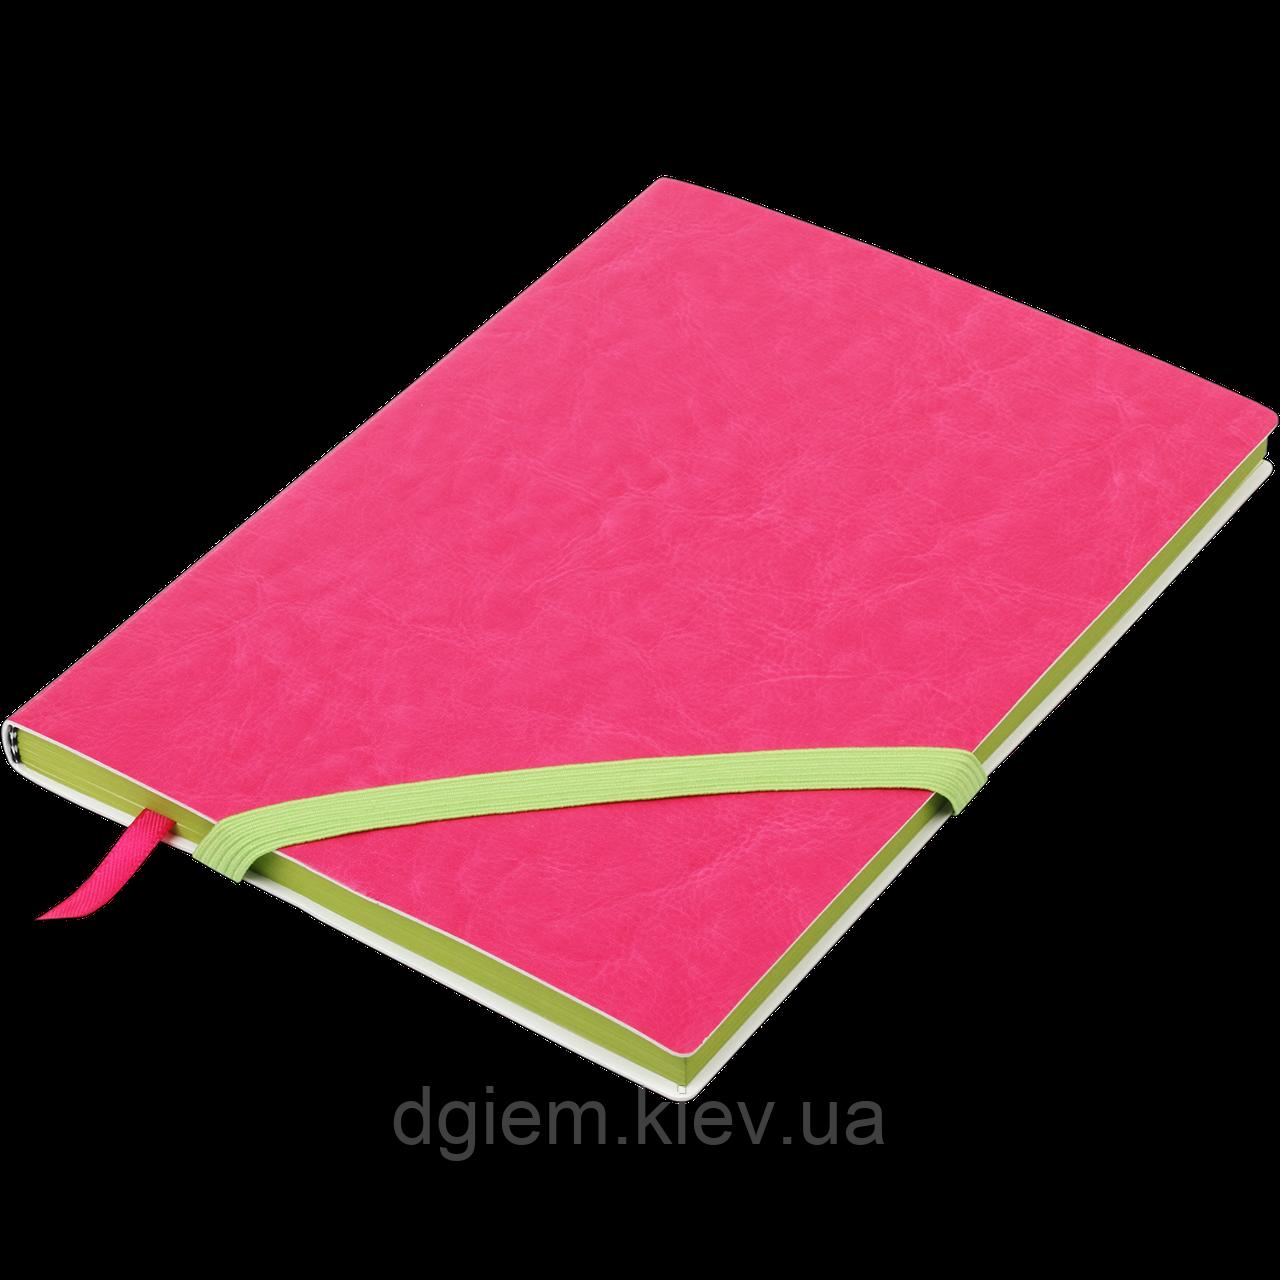 Блокнот ділової LOLLIPOP А5 96арк. лінія, що позов. шкіра, рожевий